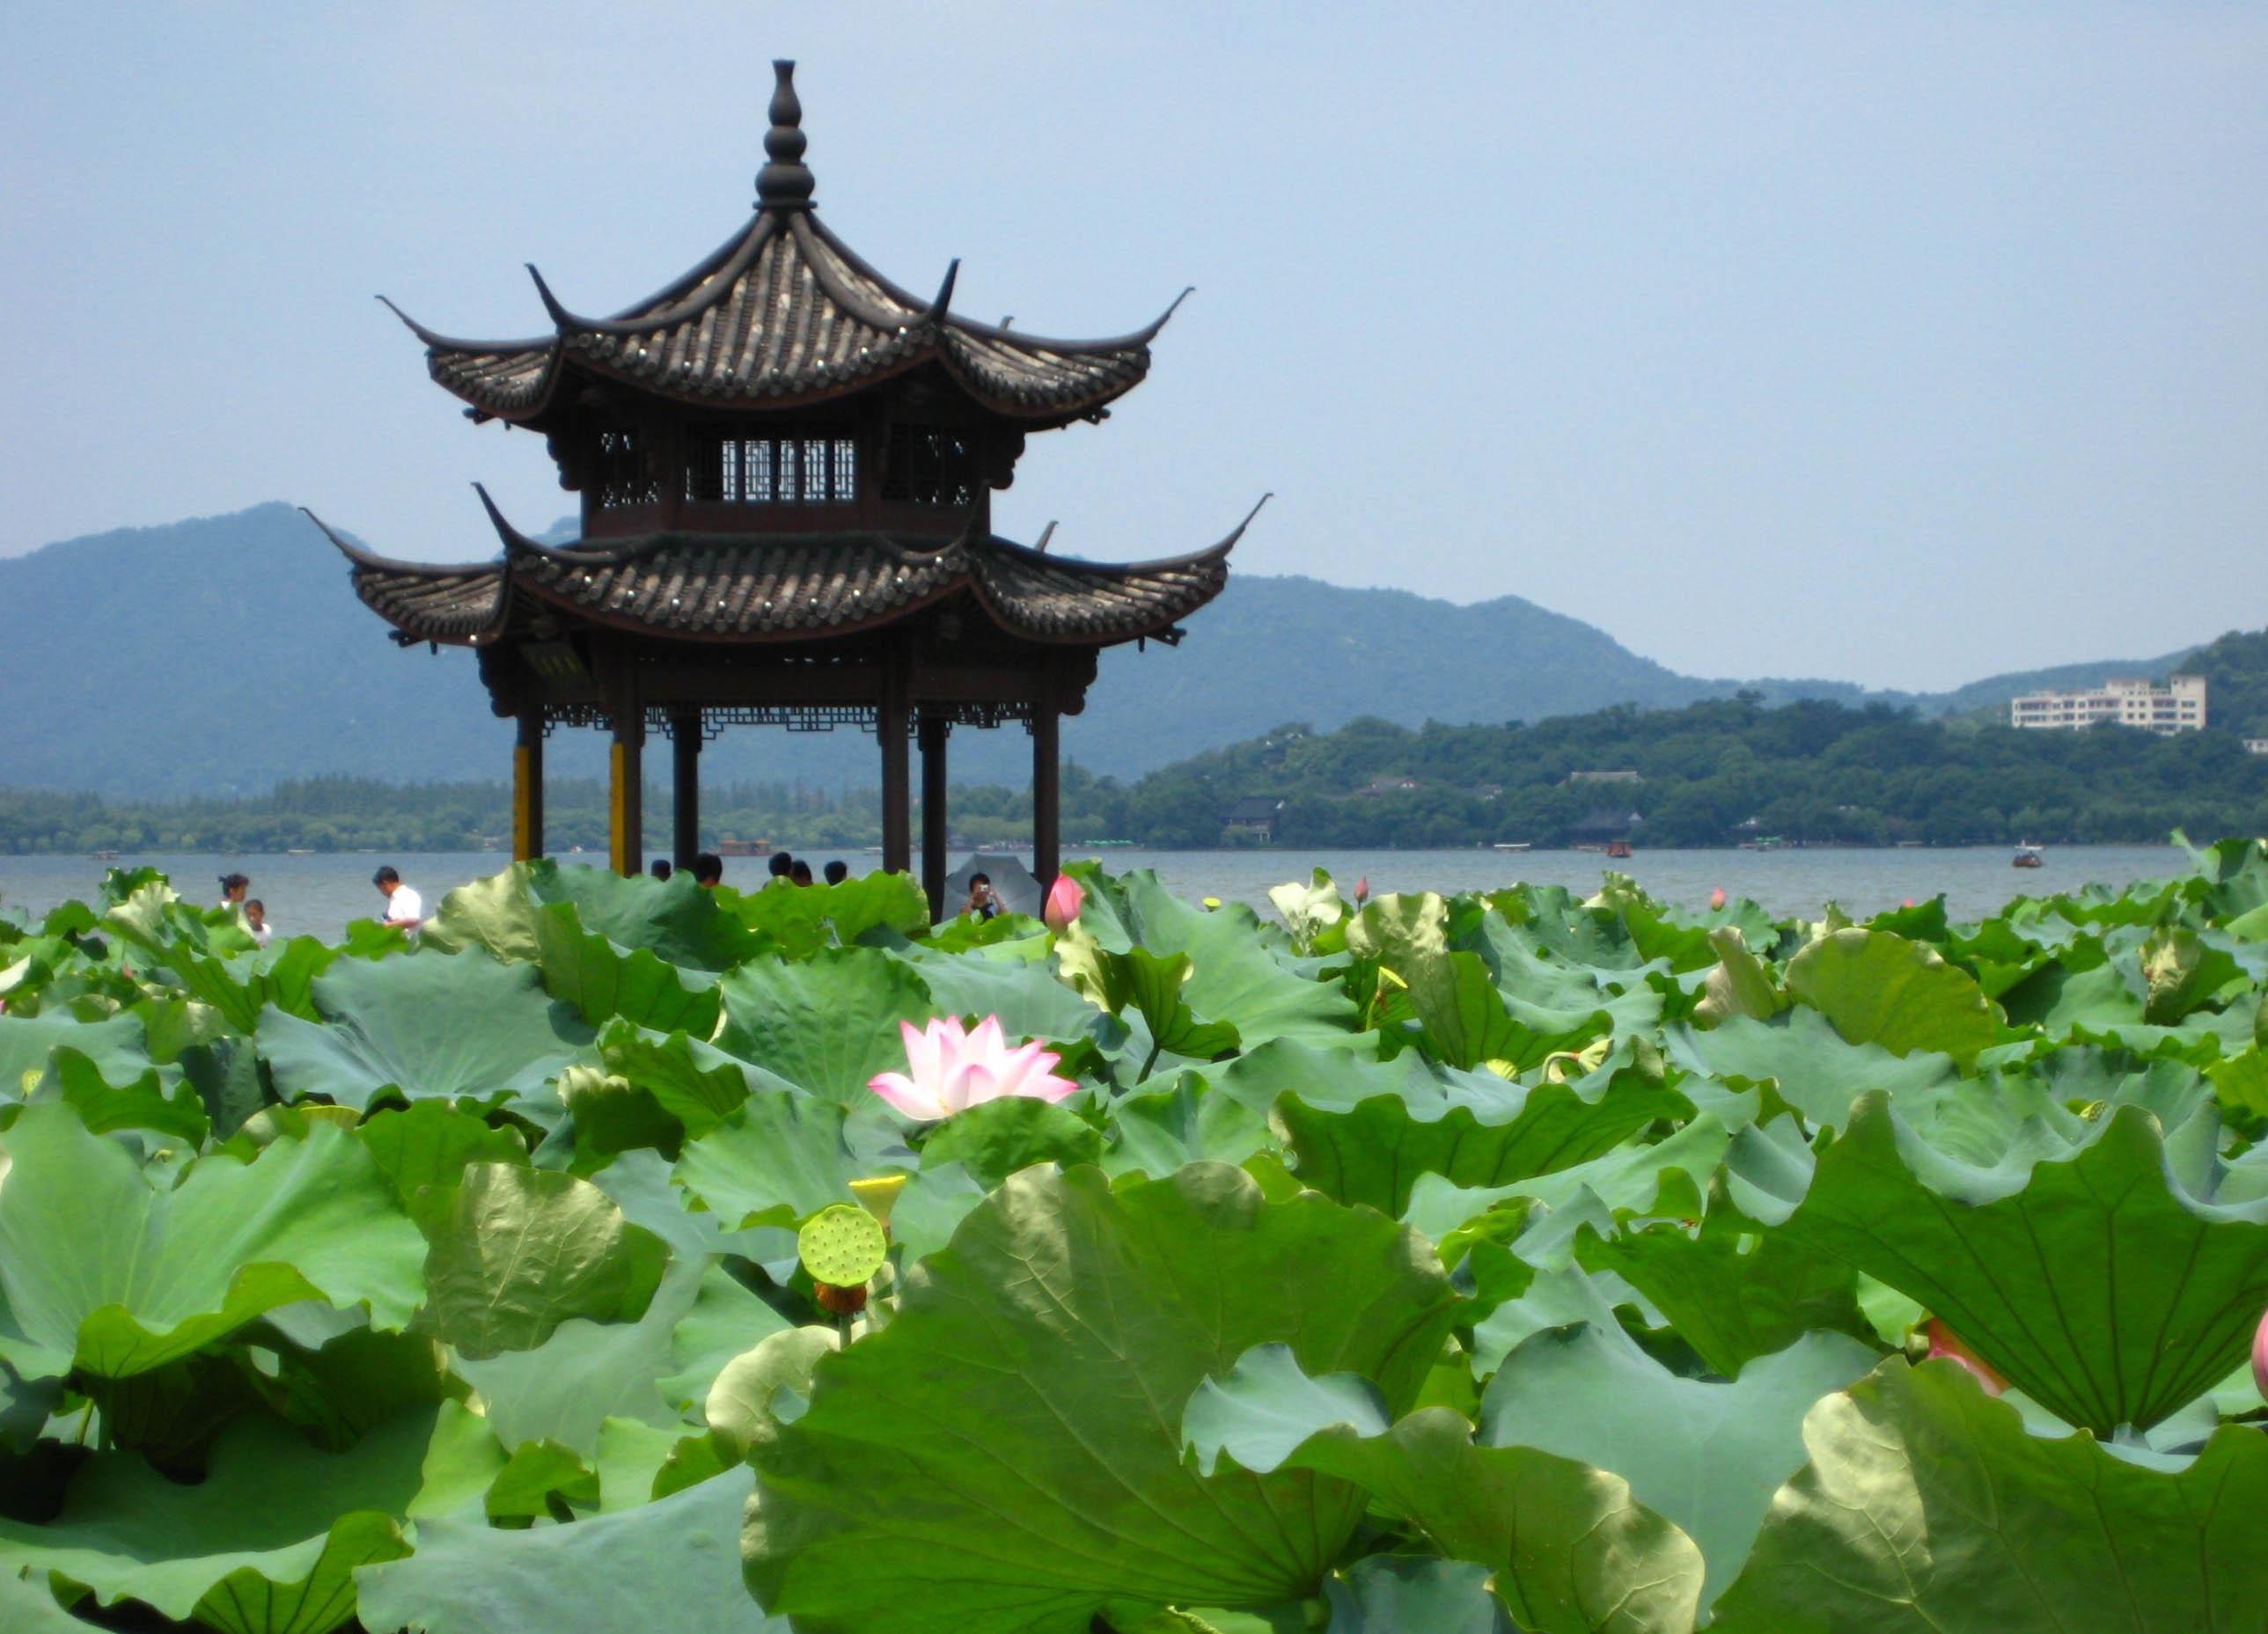 中国古典建筑,亭台楼阁 翼然而立的中式传统古亭之美